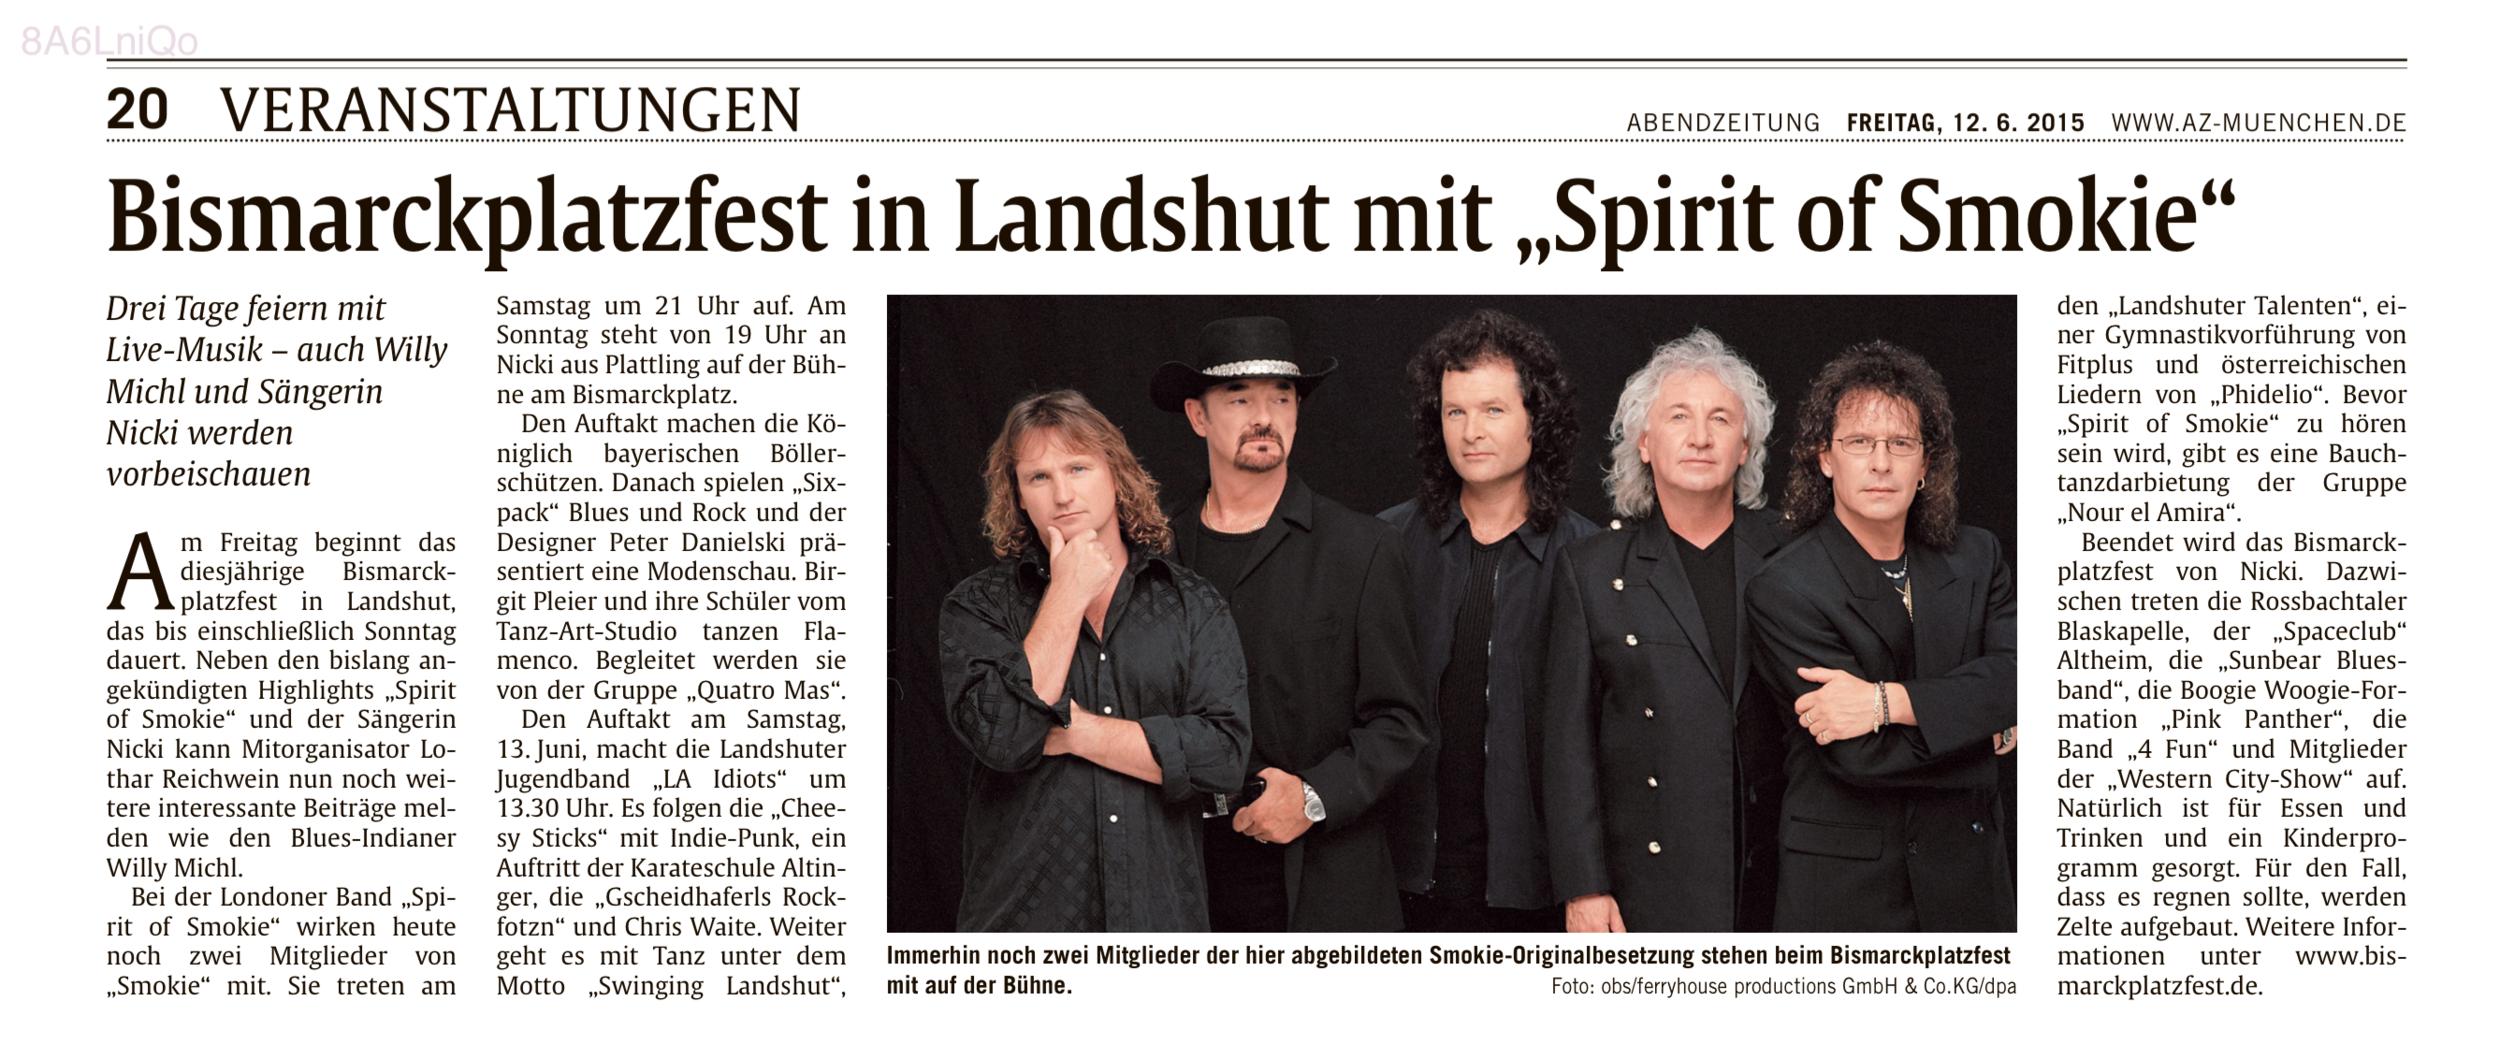 """Münchner Abendzeitung: Danielski Modenshow und """"Spirit of Smokie"""" auf dem Bismarckplatzfest in Landshut"""